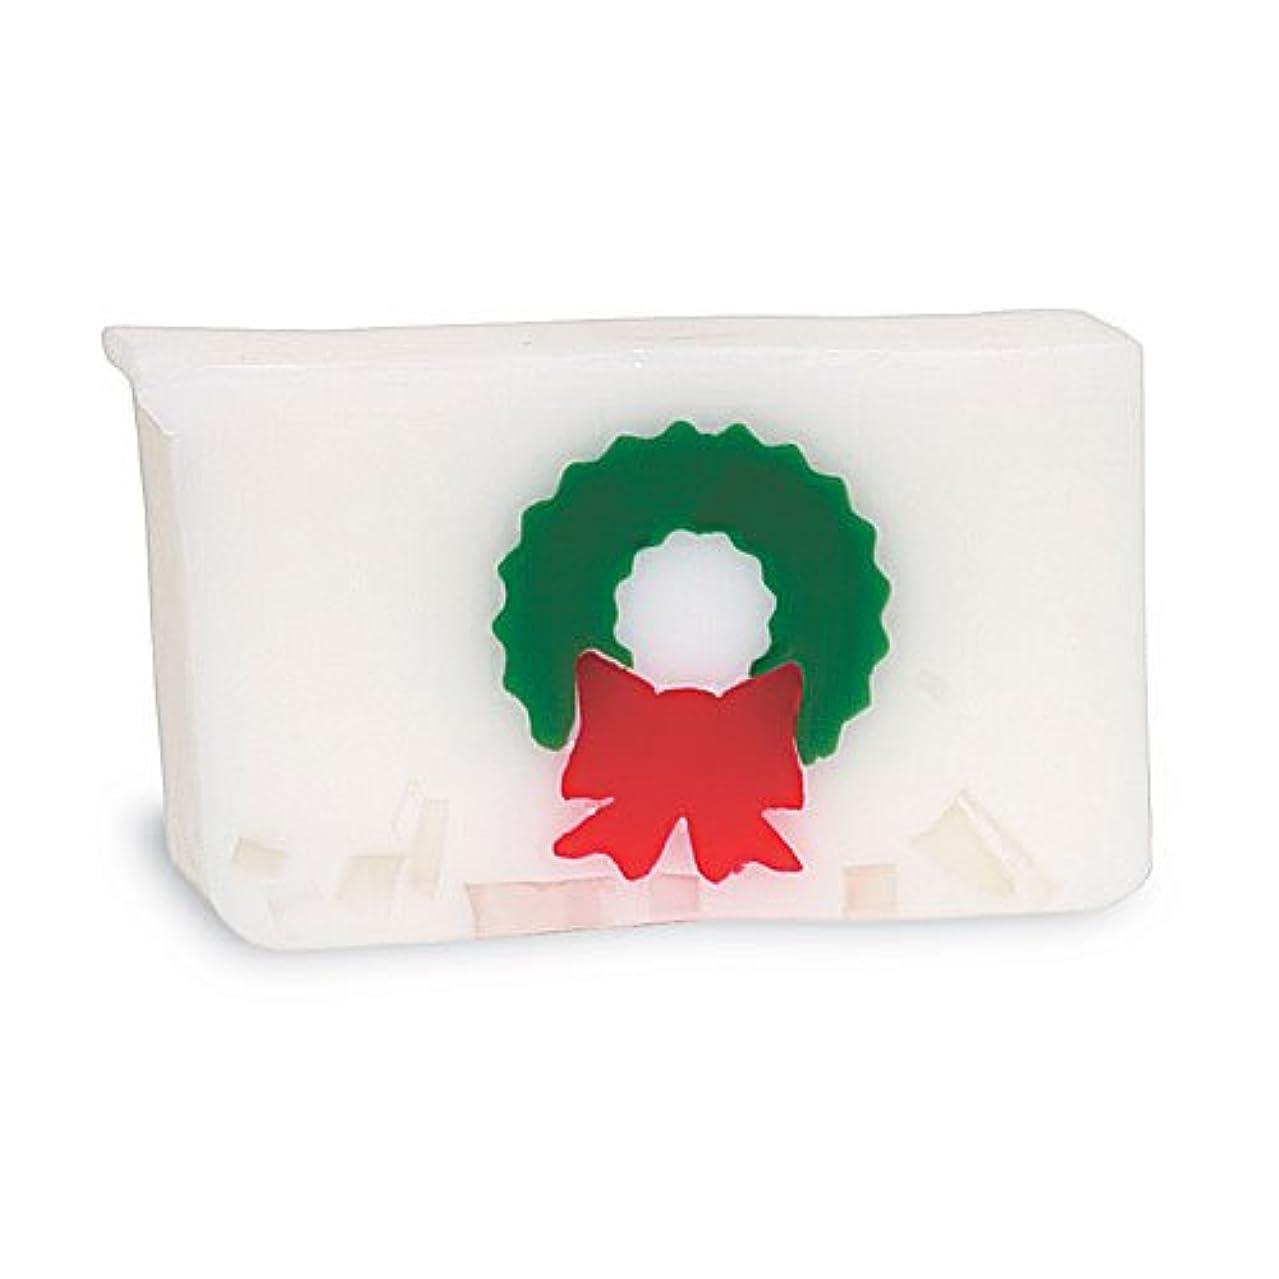 ドロー造船不満プライモールエレメンツ アロマティック ソープ クリスマスリース 180g 植物性 ナチュラル 石鹸 無添加